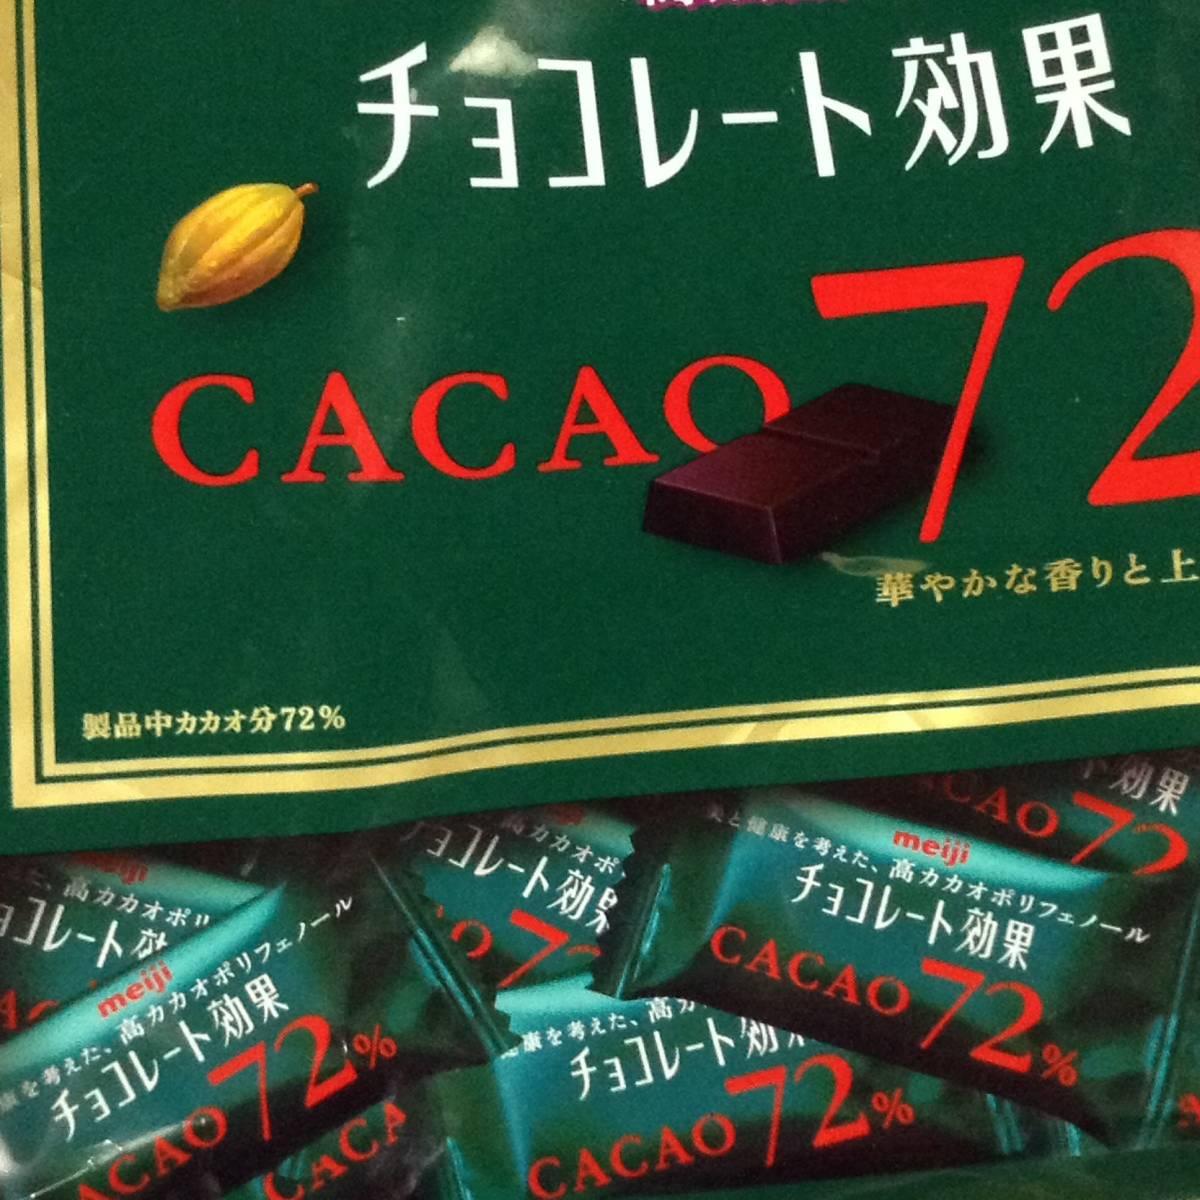 キャンペーン チョコレート 効果